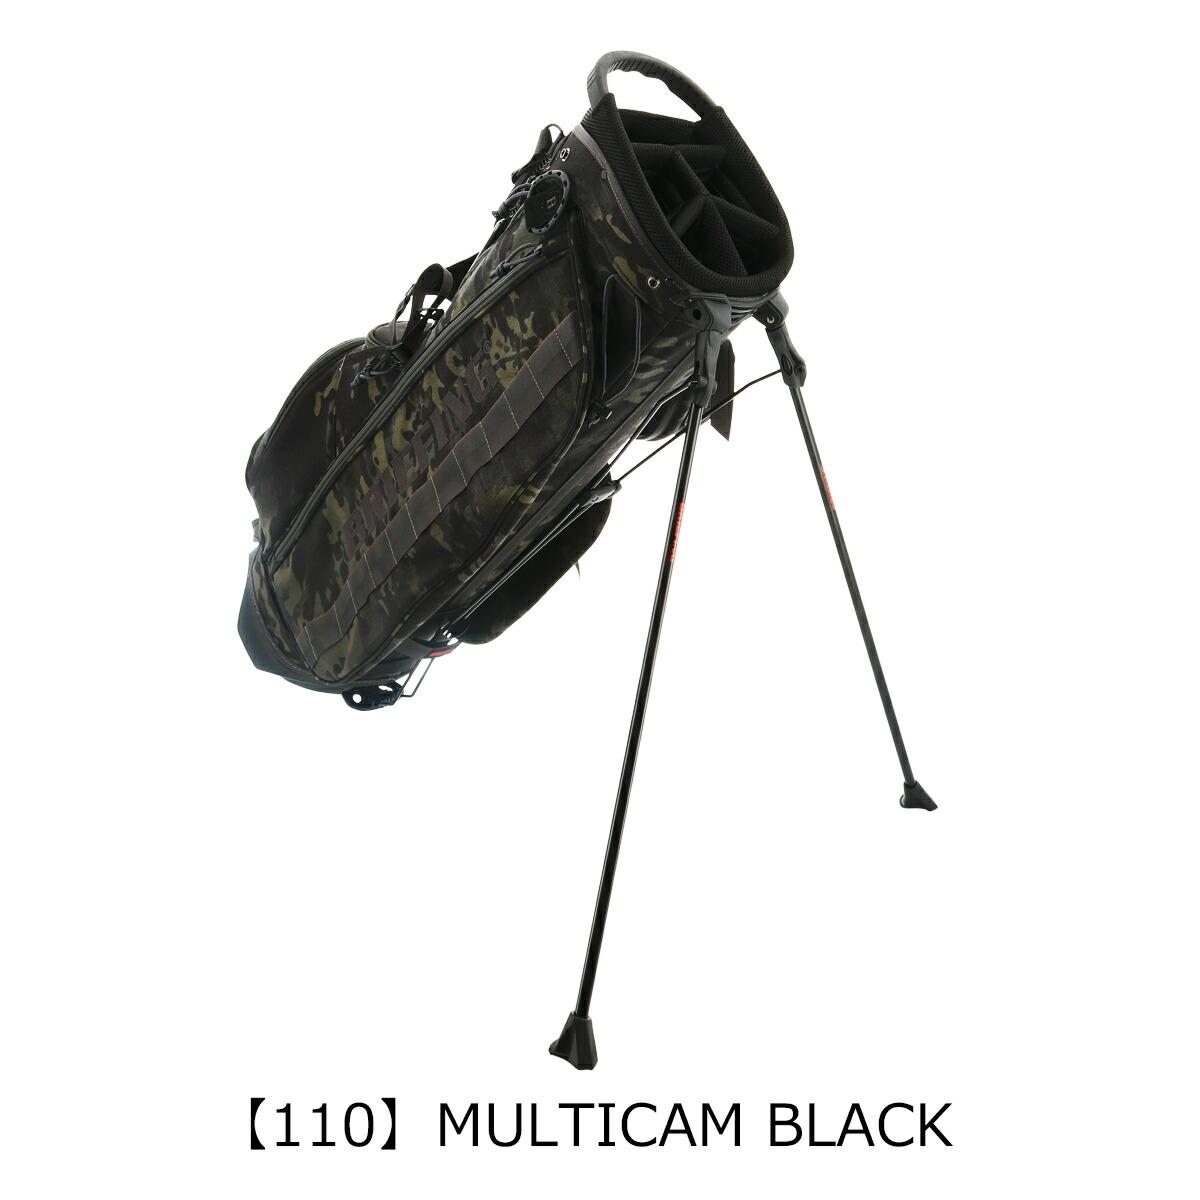 【110】MULTICAM BLACK